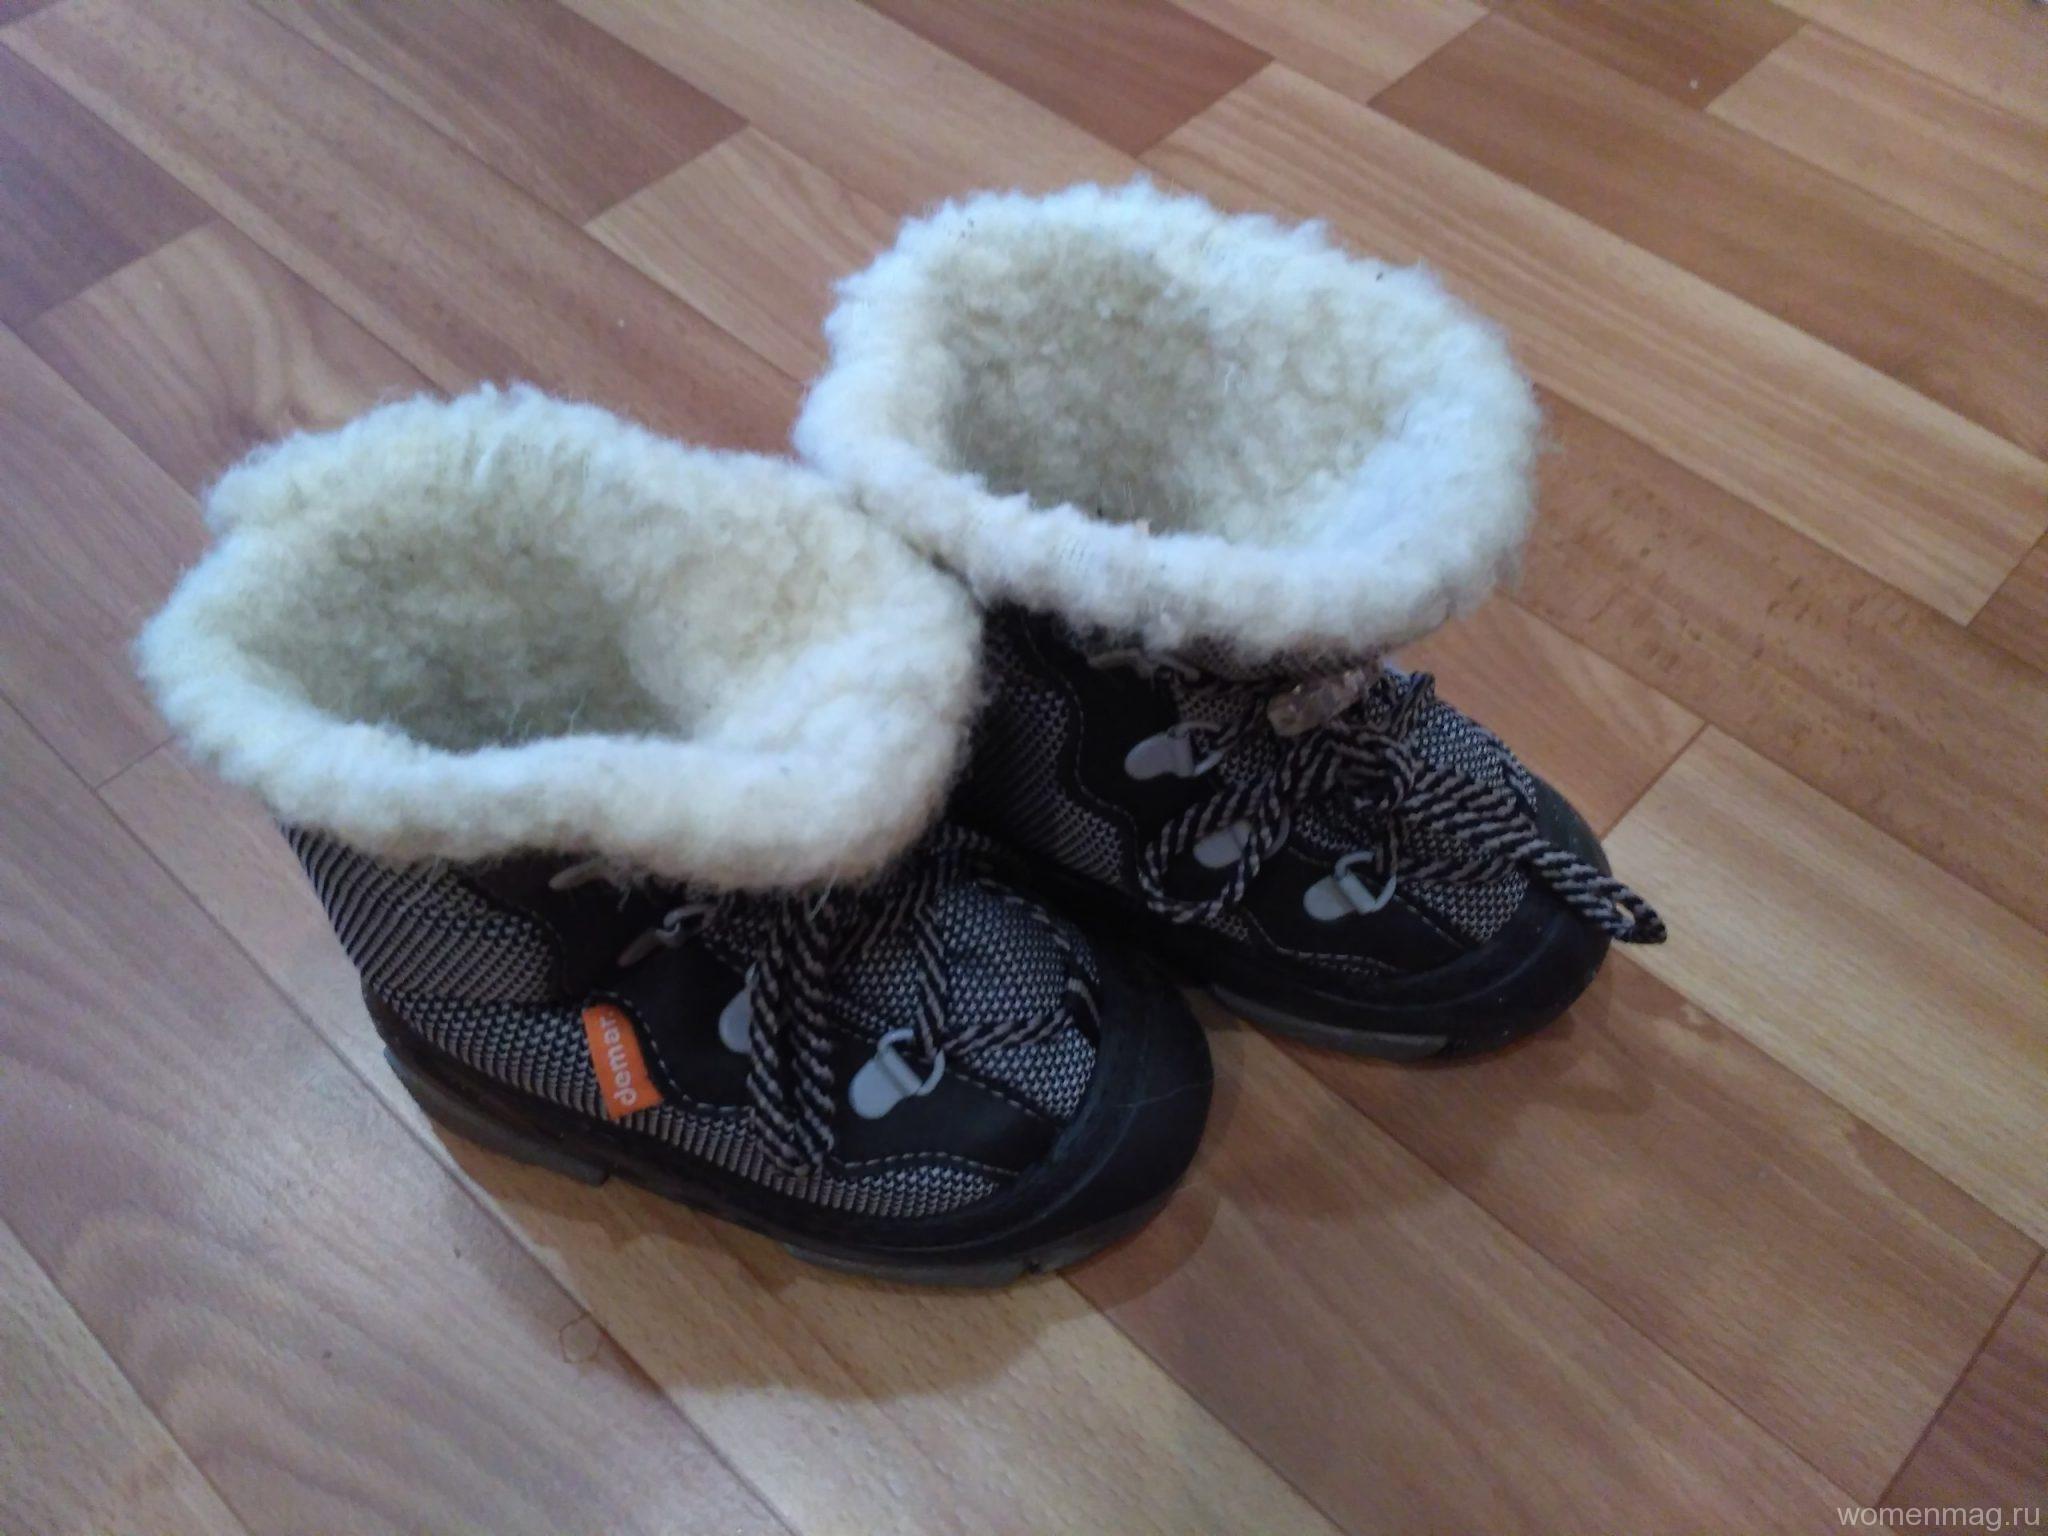 Зимняя детская обувь Demar Snow mar D. Отзыв